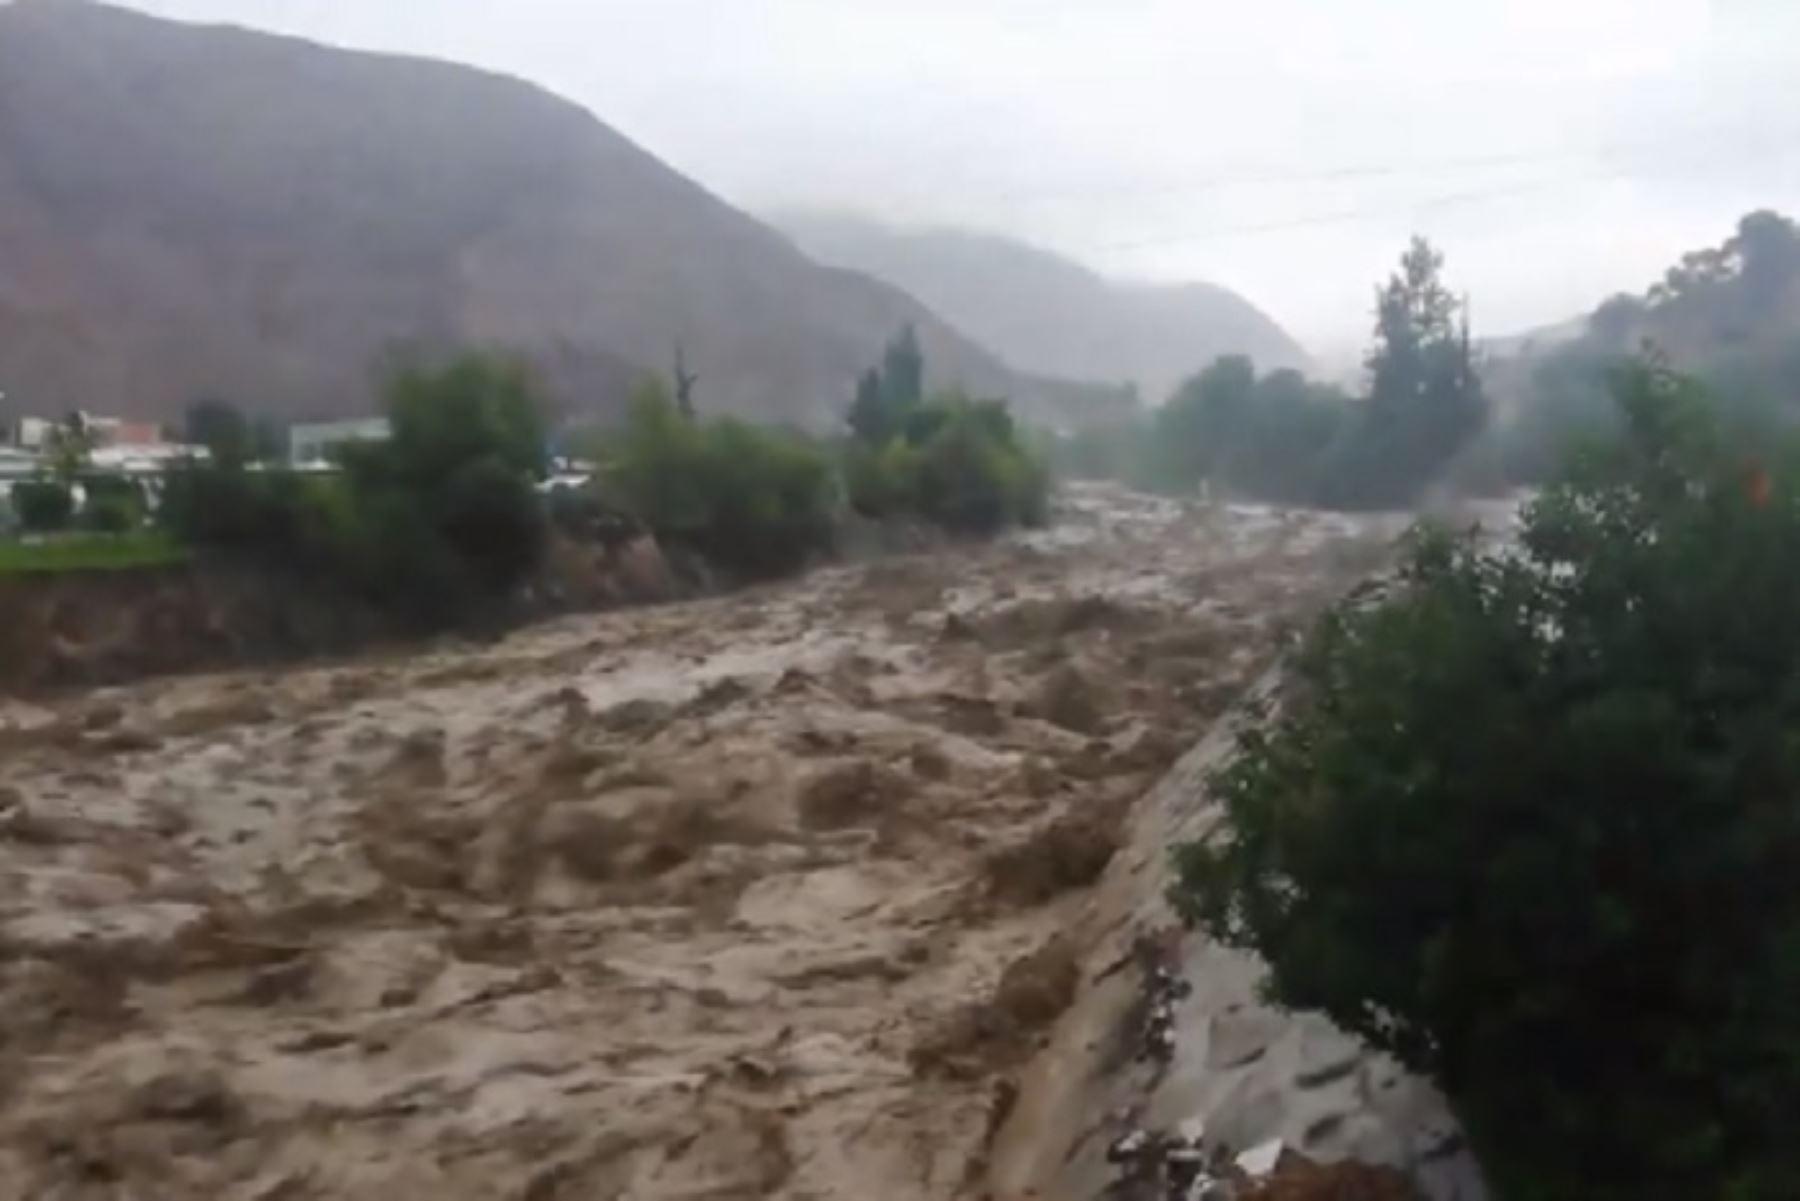 El desborde del río Moquegua, provocado por las intensas lluvias, afectó a 120 viviendas, siete puentes, un centro educativo, así como a la planta de tratamiento de agua de Yunguyo, informó el Instituto Nacional de Defensa Civil (Indeci). ANDINA/Difusión